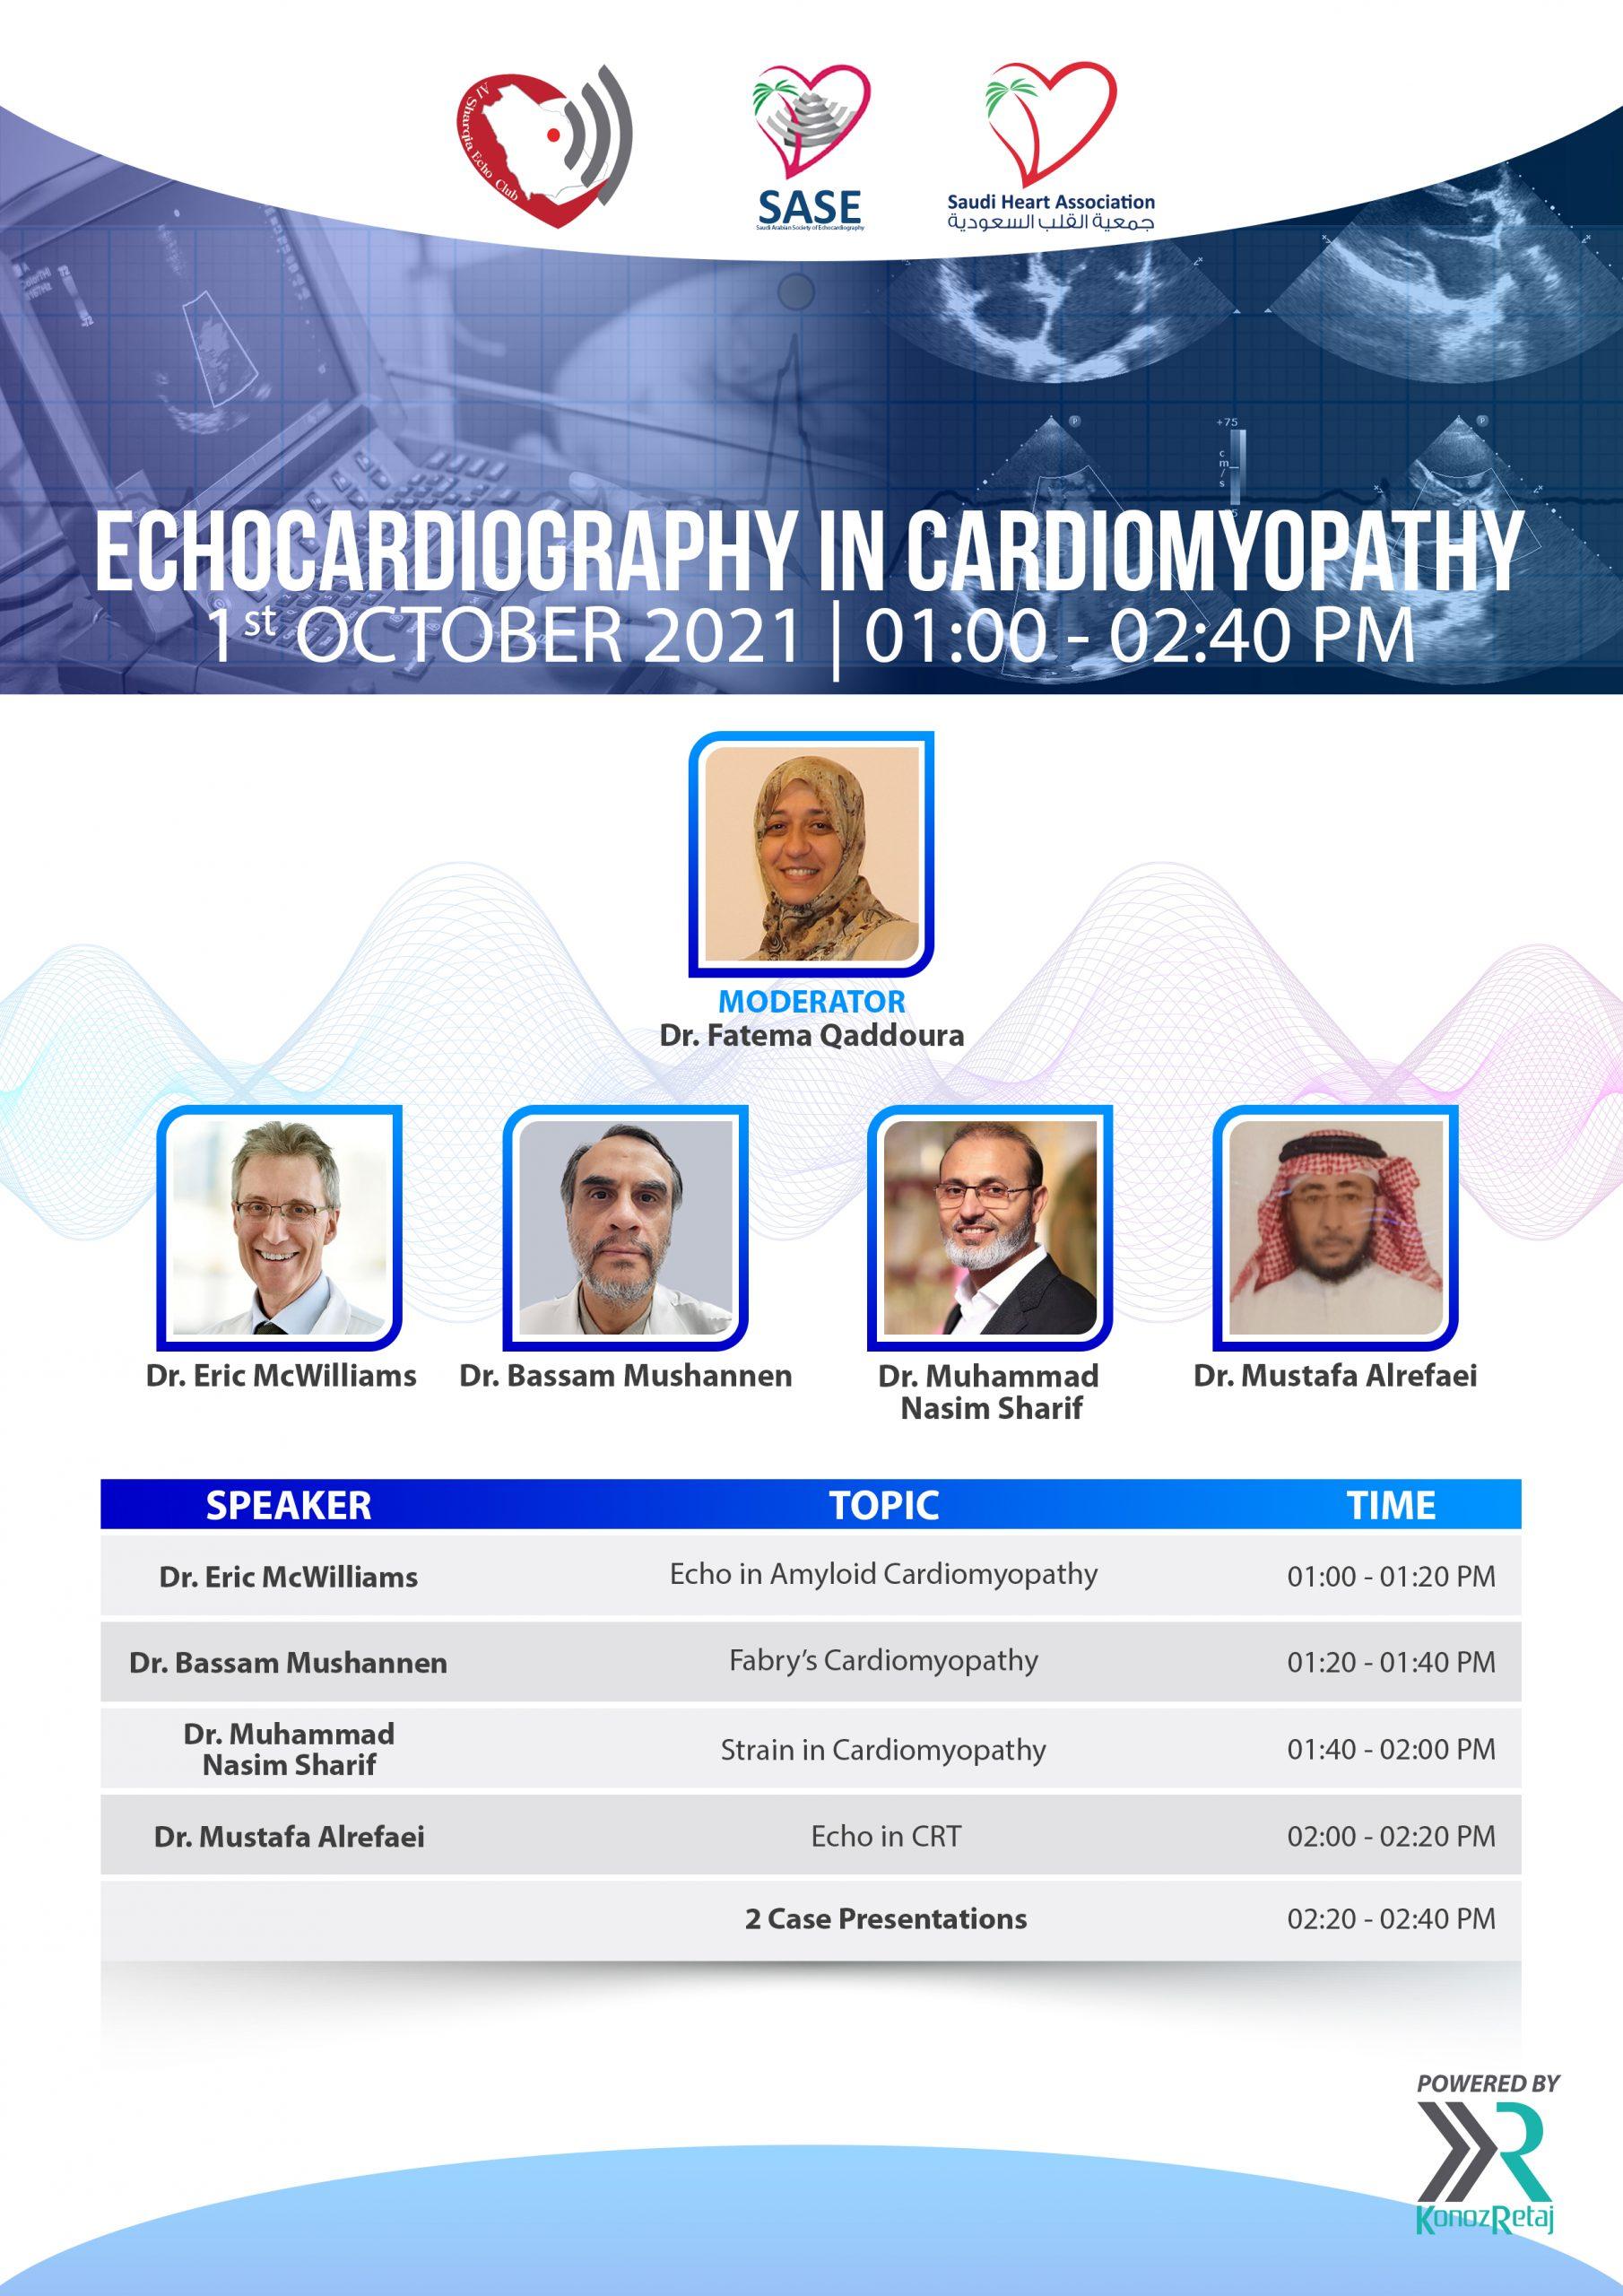 ECHOCARDIOGRAPHY IN CARDIOMYOPATHY